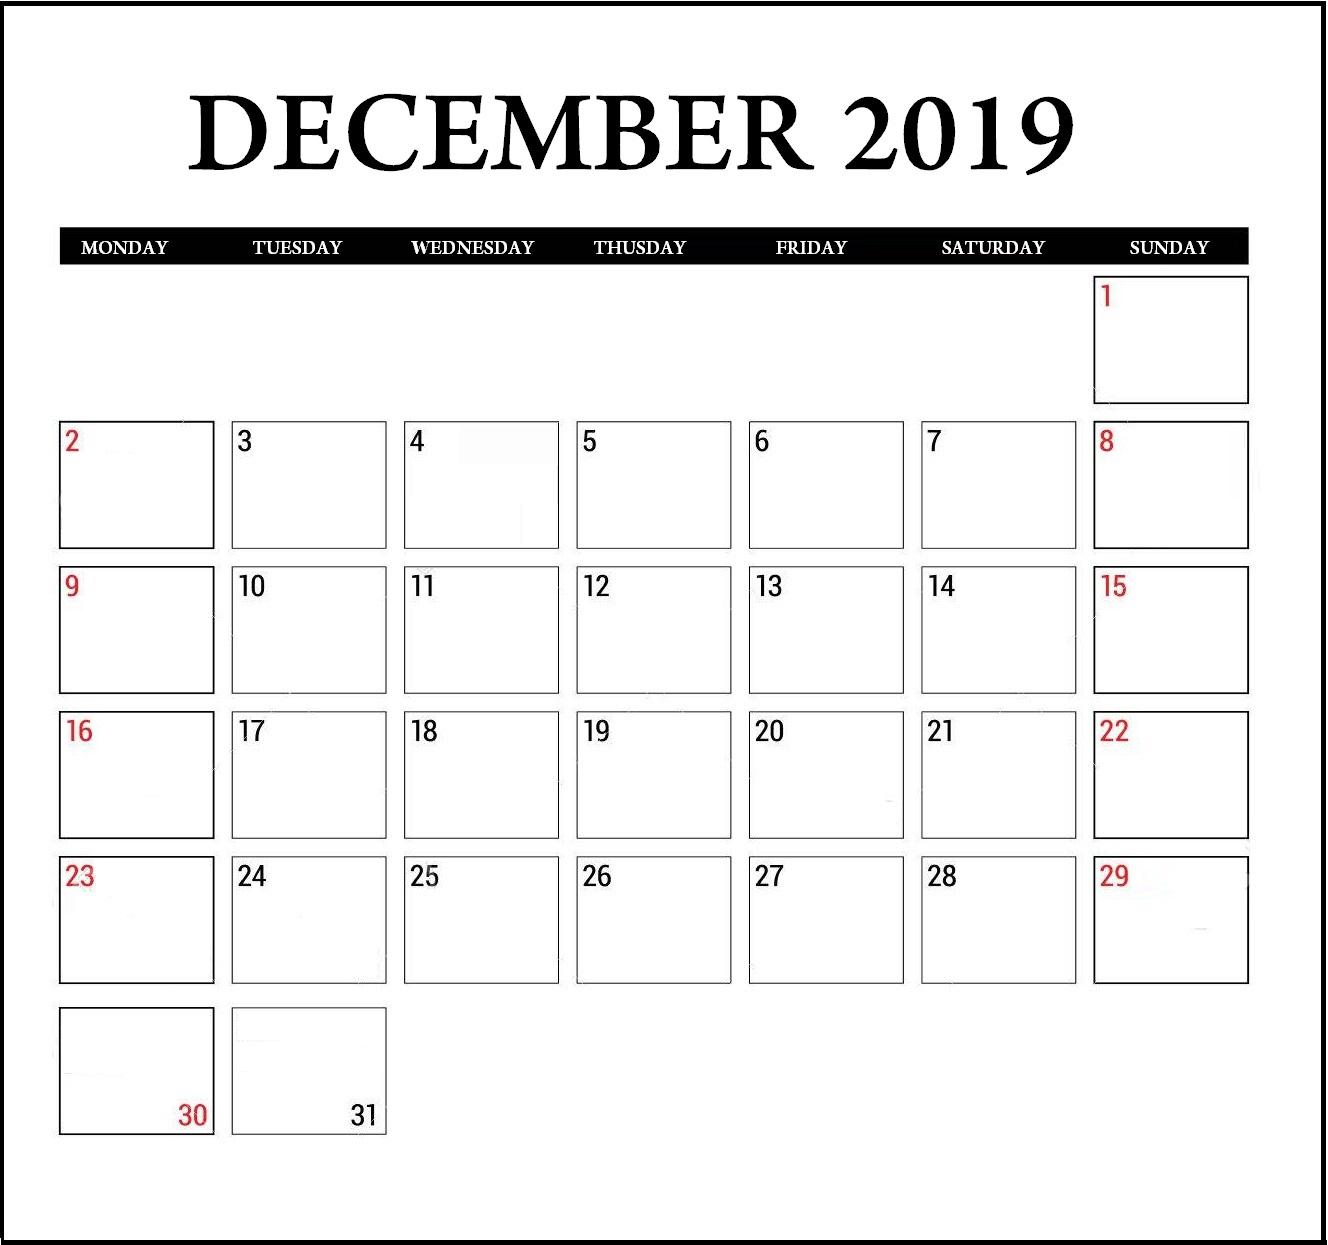 December 2019 Calendar Editable